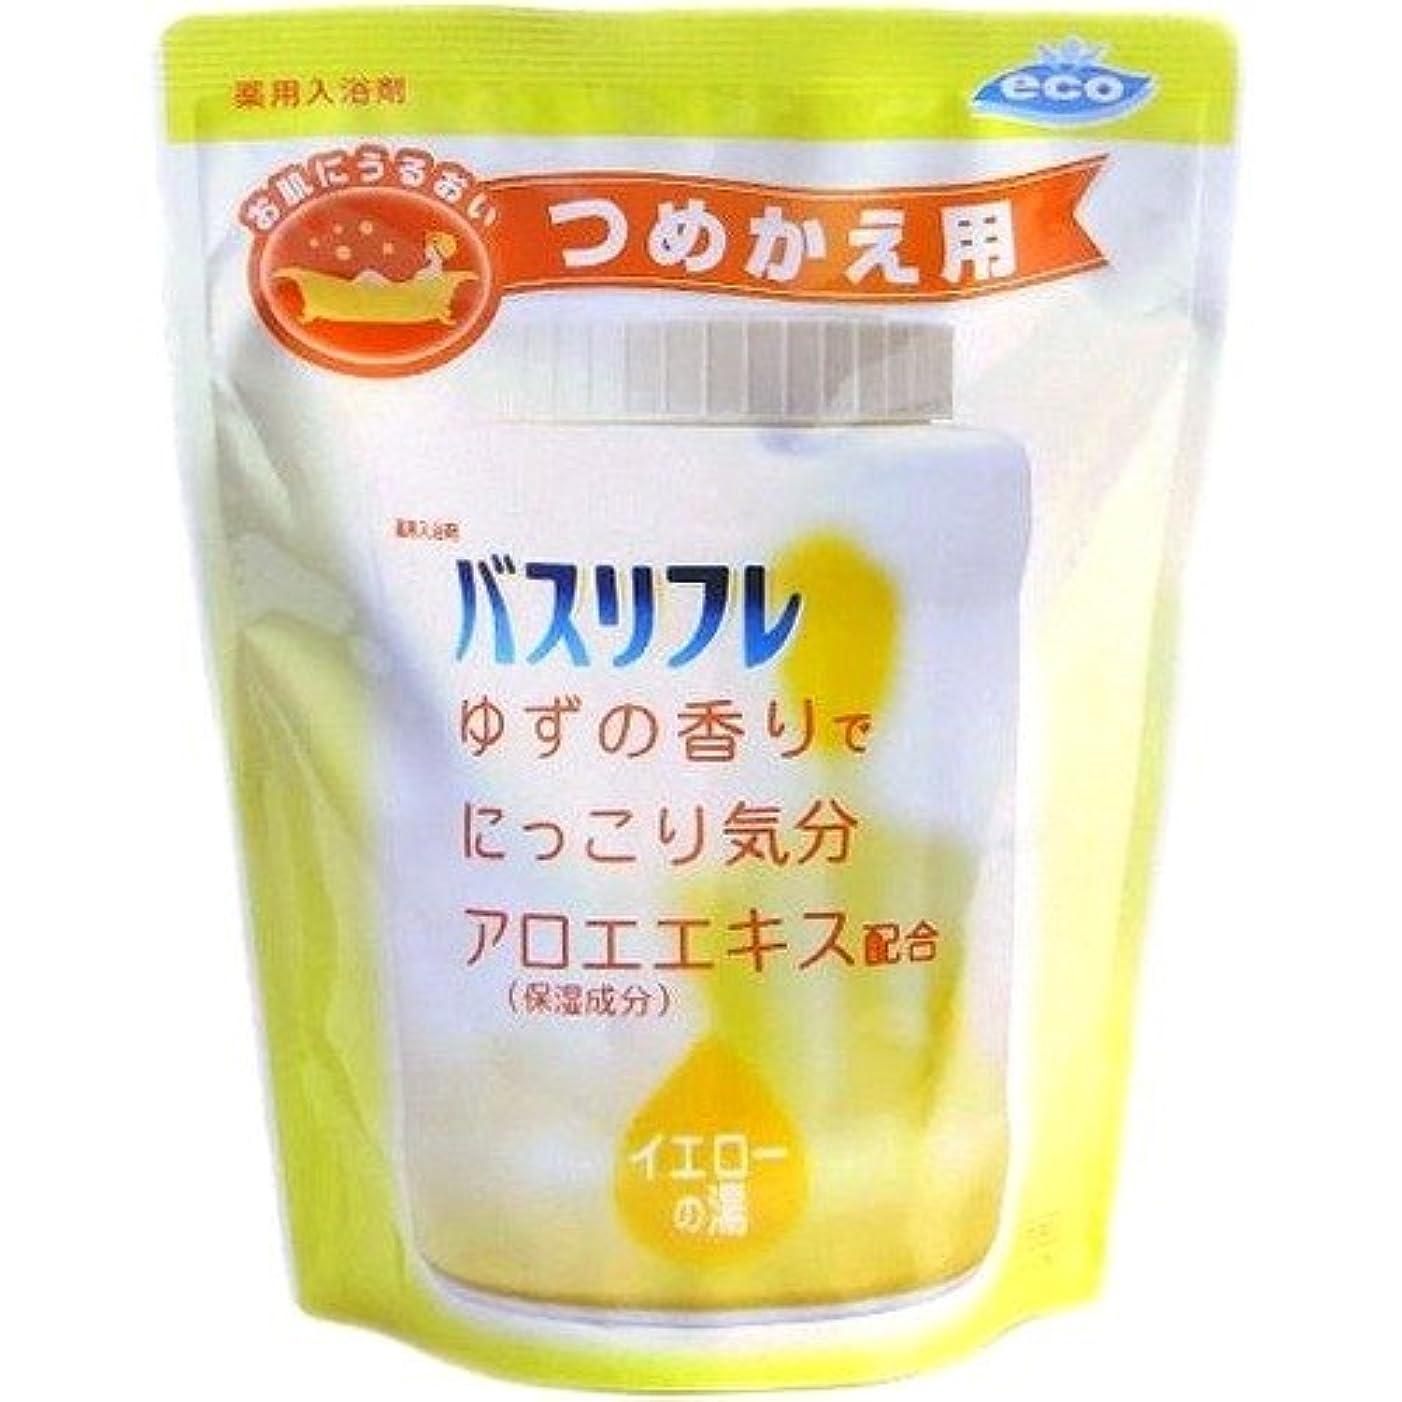 遮るひらめきセントライオンケミカル バスリフレ 薬用入浴剤 ゆずの香り つめかえ用 540g 4900480080102